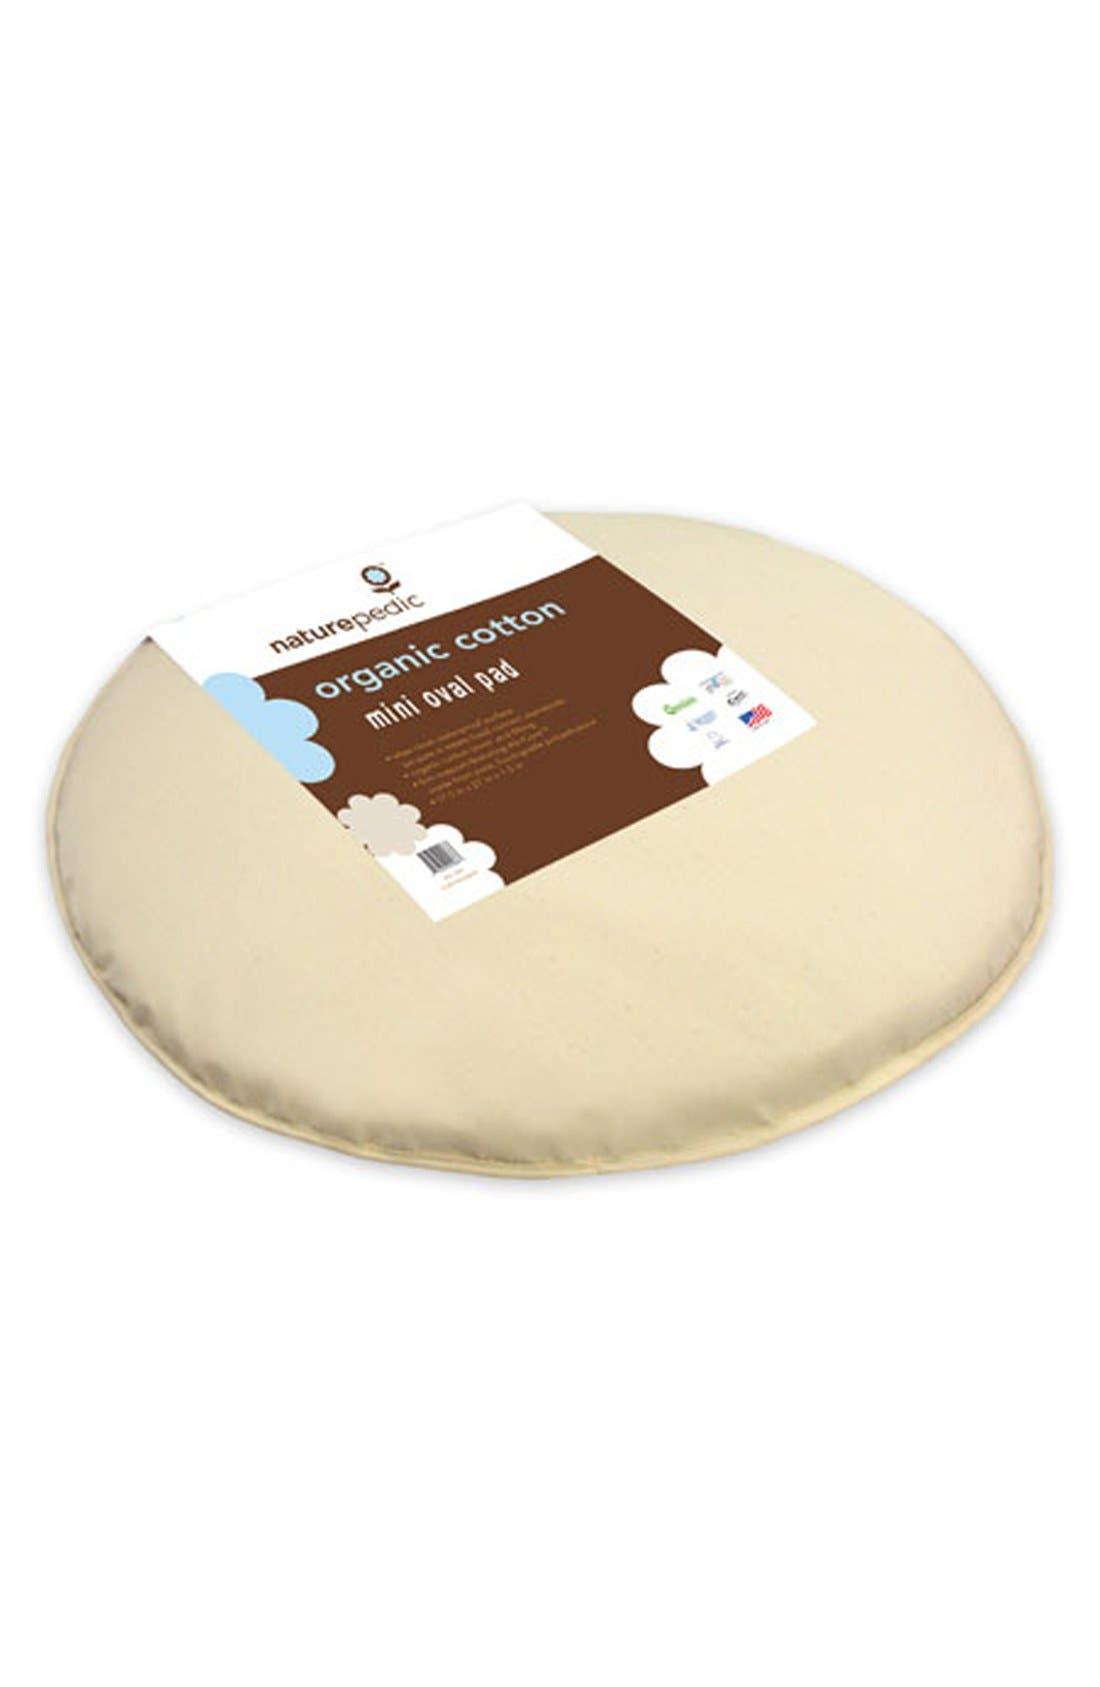 Organic Cotton Oval Mini Mattress Pad for Stokke Sleepi Mini,                             Alternate thumbnail 2, color,                             250